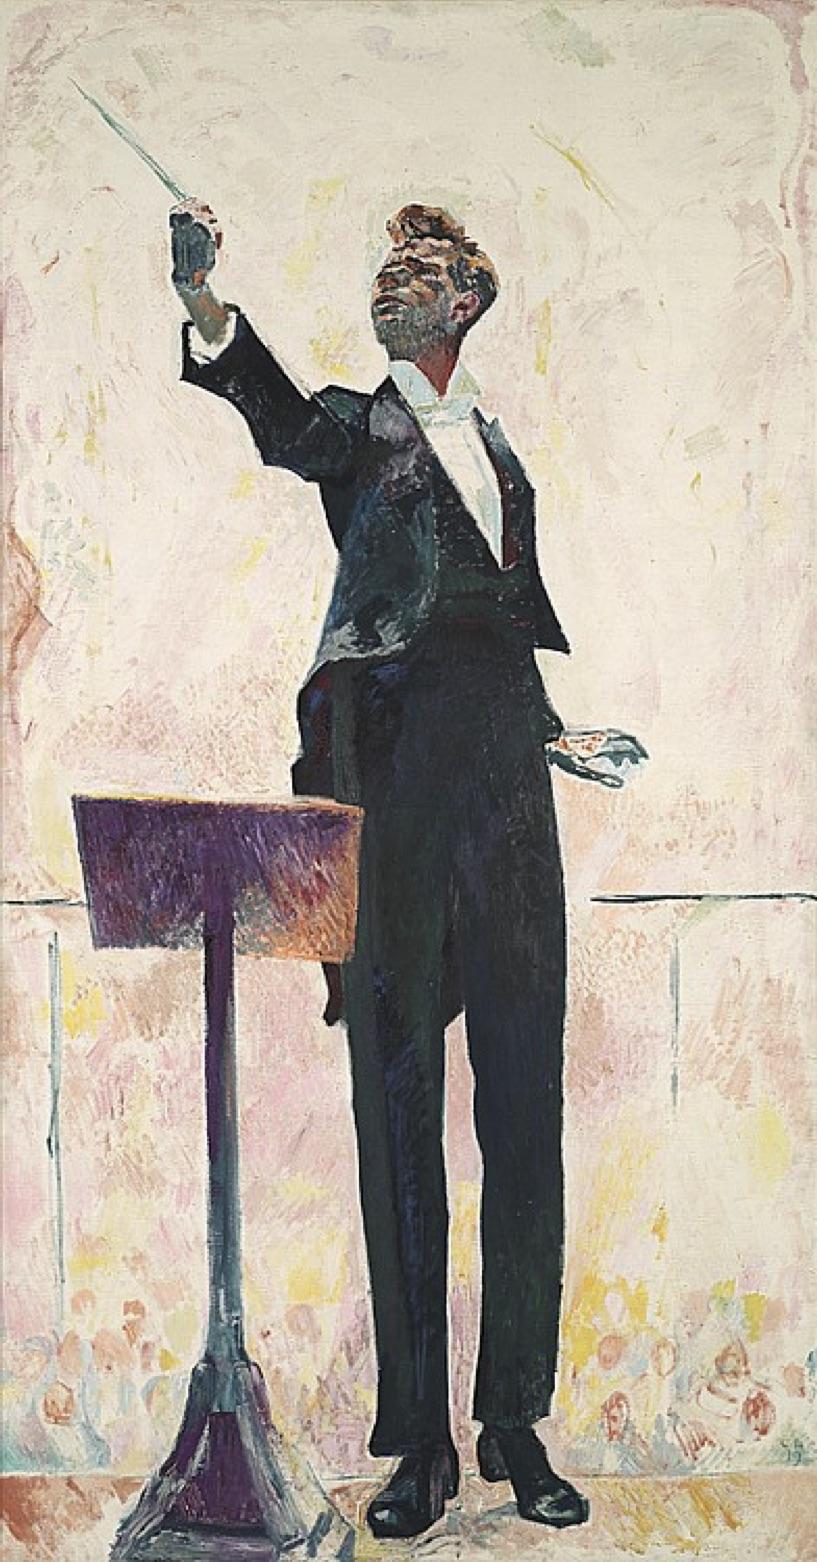 Cuno Amiet, der Dirigent, 1919 - ausgestellt in Madrid und Bacelona, 1956